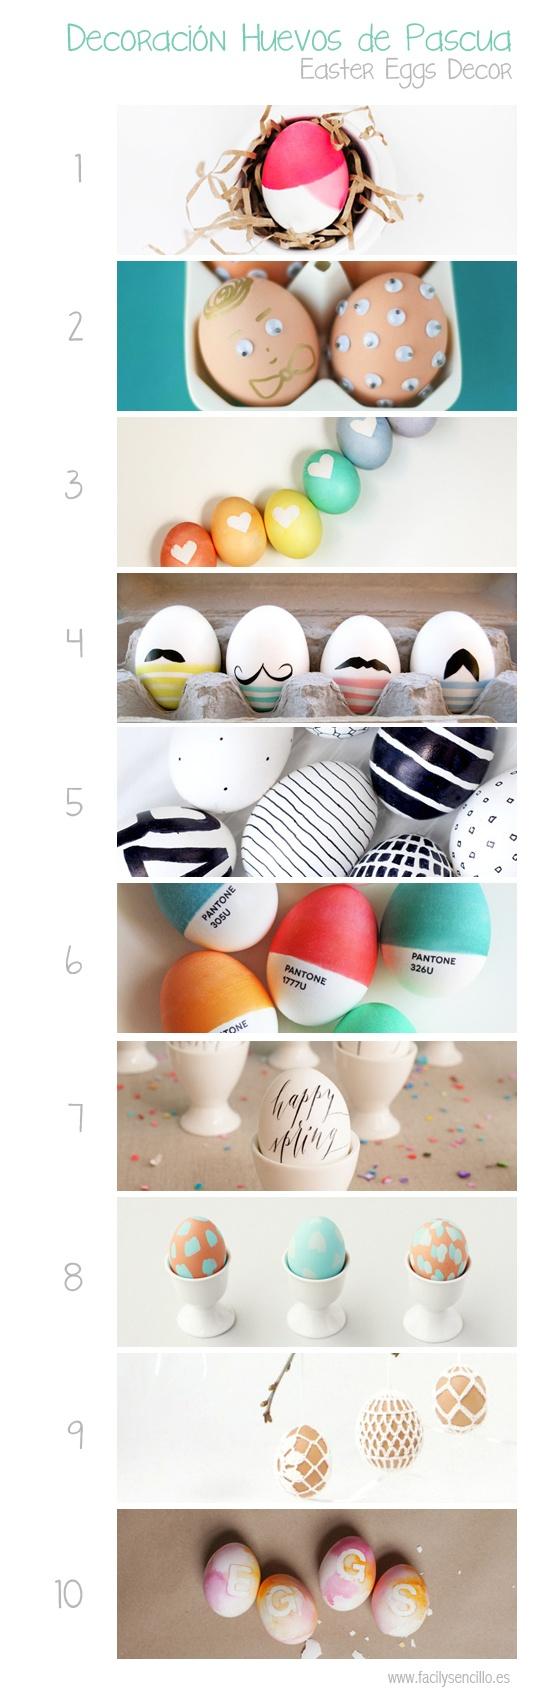 Fácil y Sencillo: 10 Formas de Decorar Huevos de Pascua Originales / Easter Egg Decorations